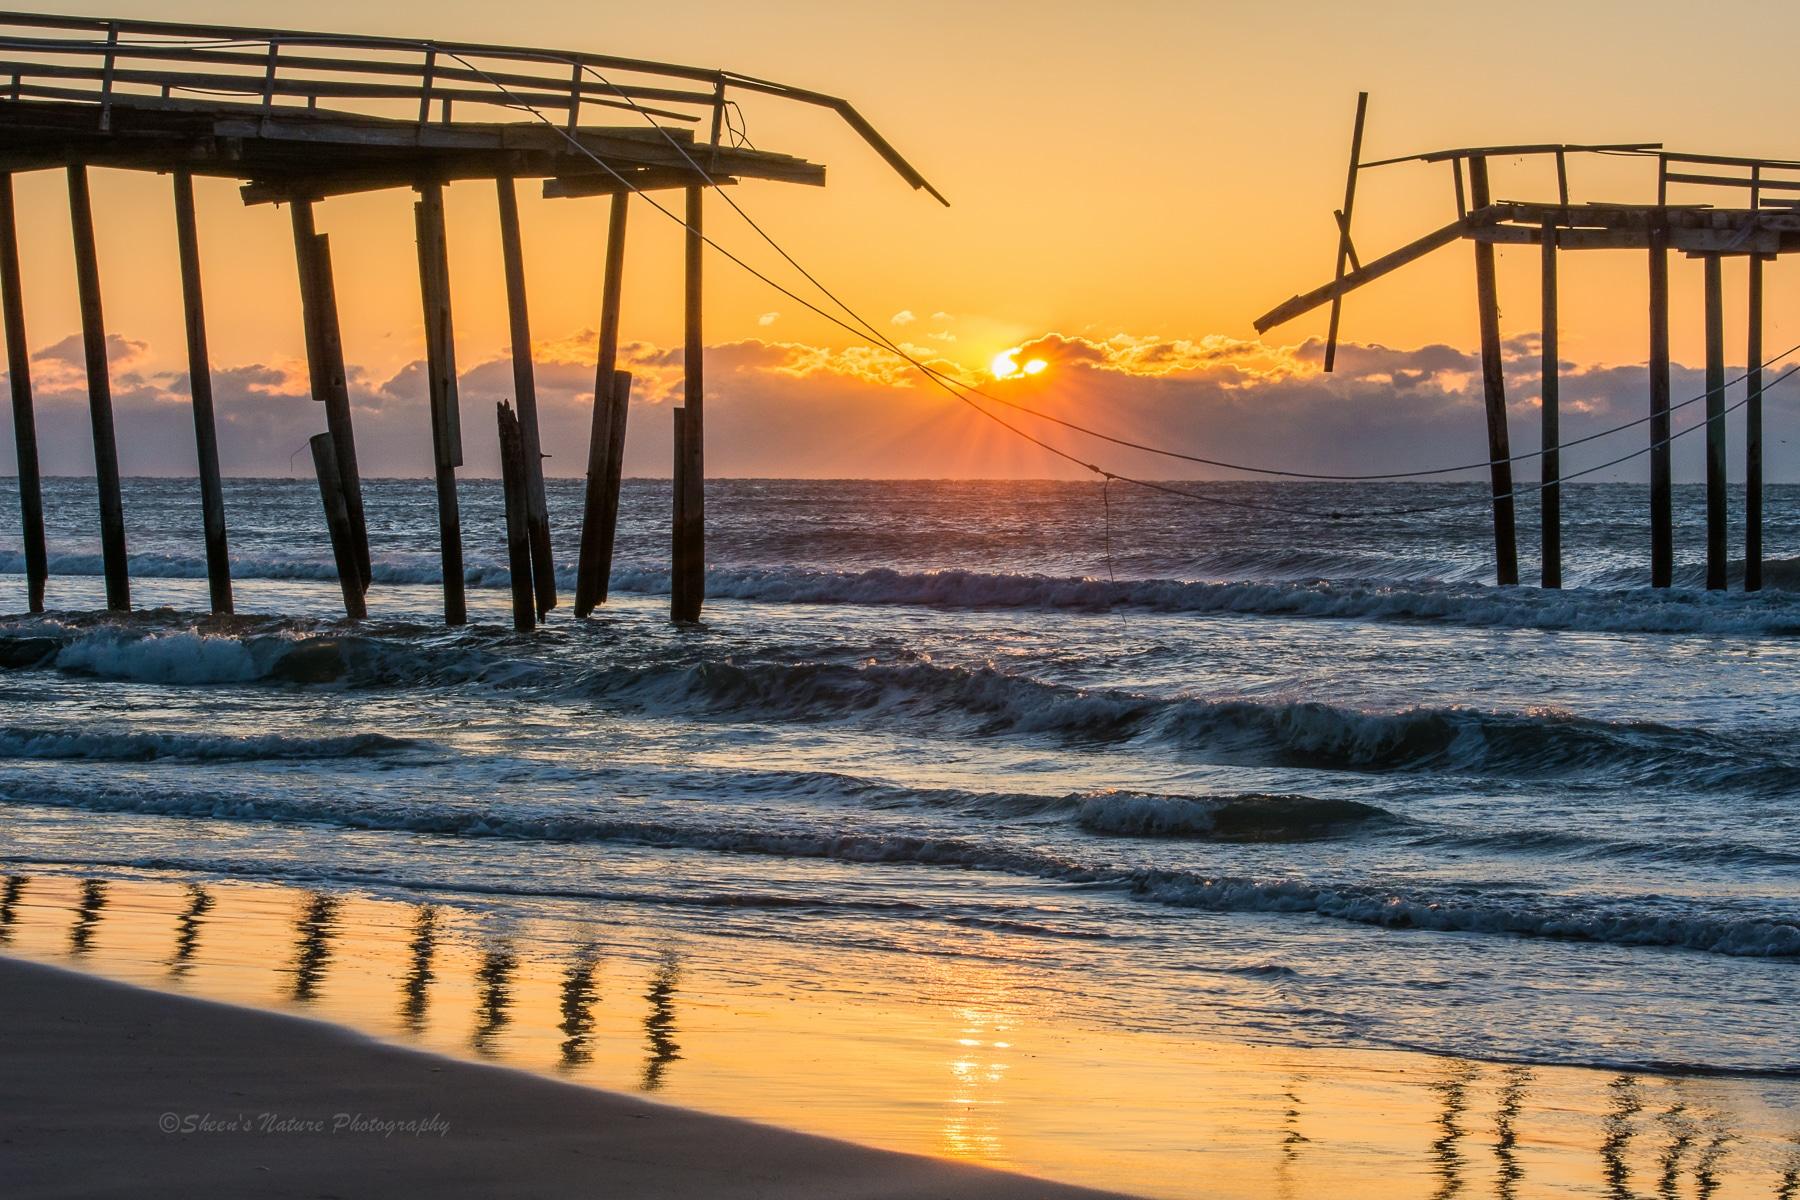 Sunrise Photography:  Make Your Images Sparkle & Shine